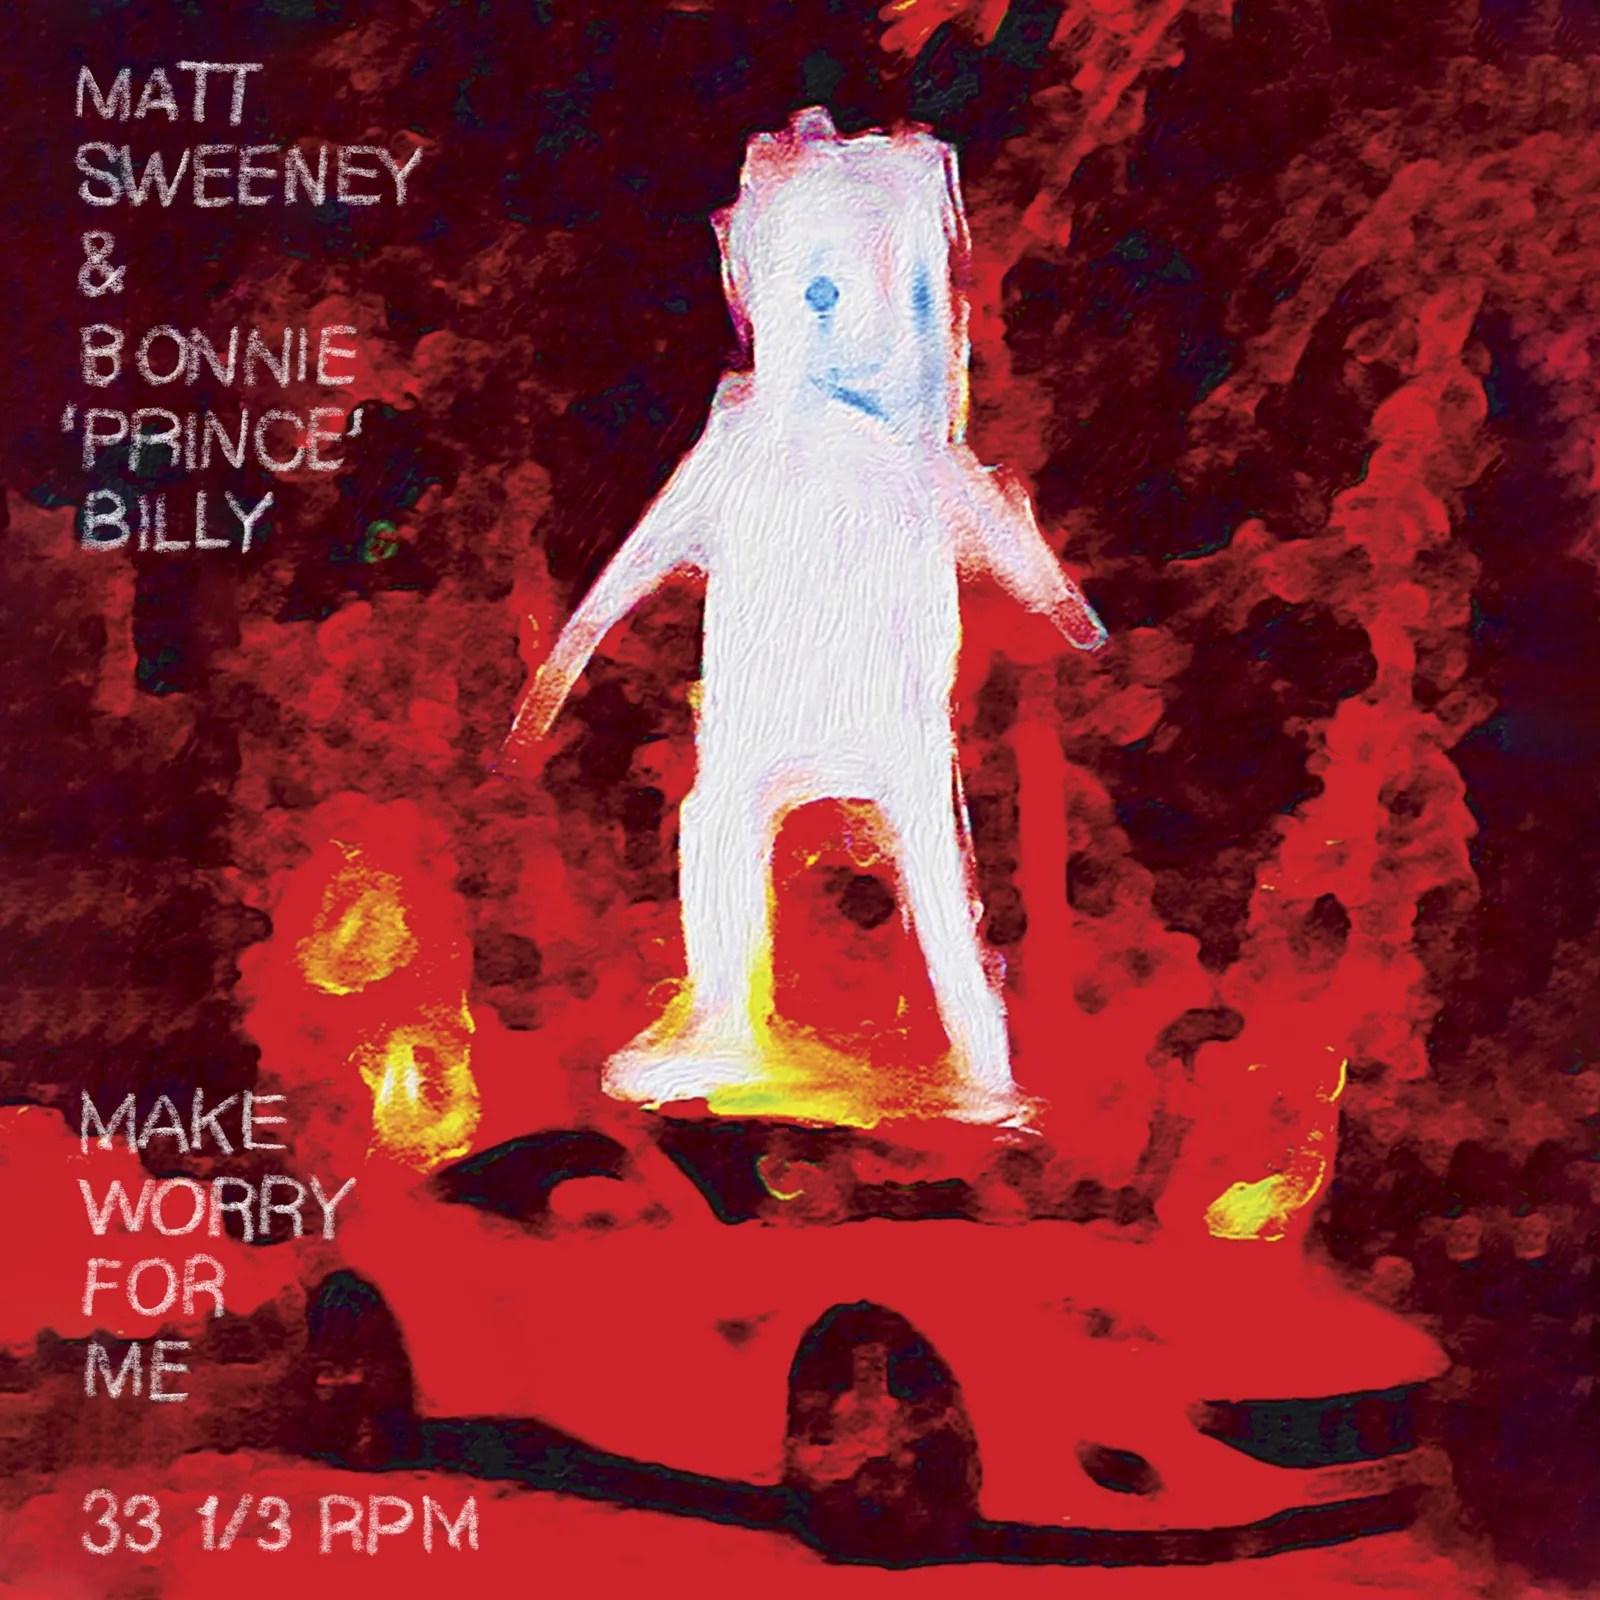 Matt Sweeney  Bonnie Prince Billy